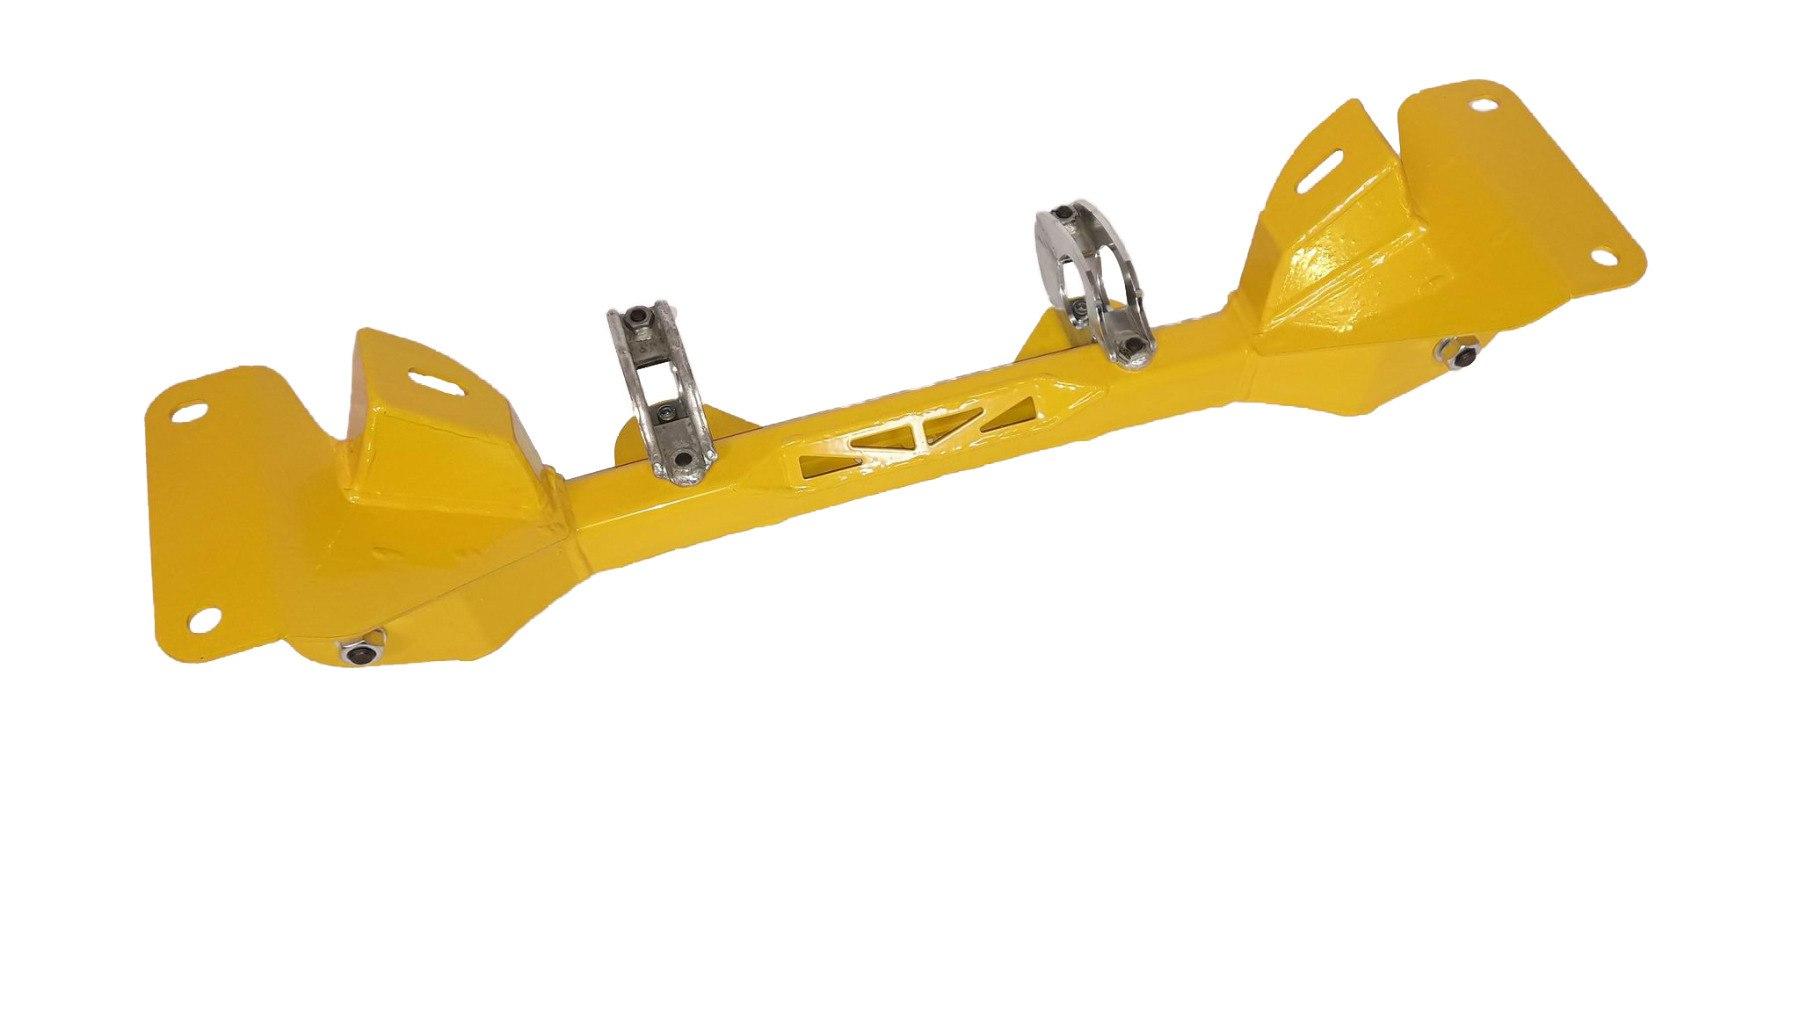 Zestaw skrętu Nissan S13 IDC/BDC Legal FAT - GRUBYGARAGE - Sklep Tuningowy